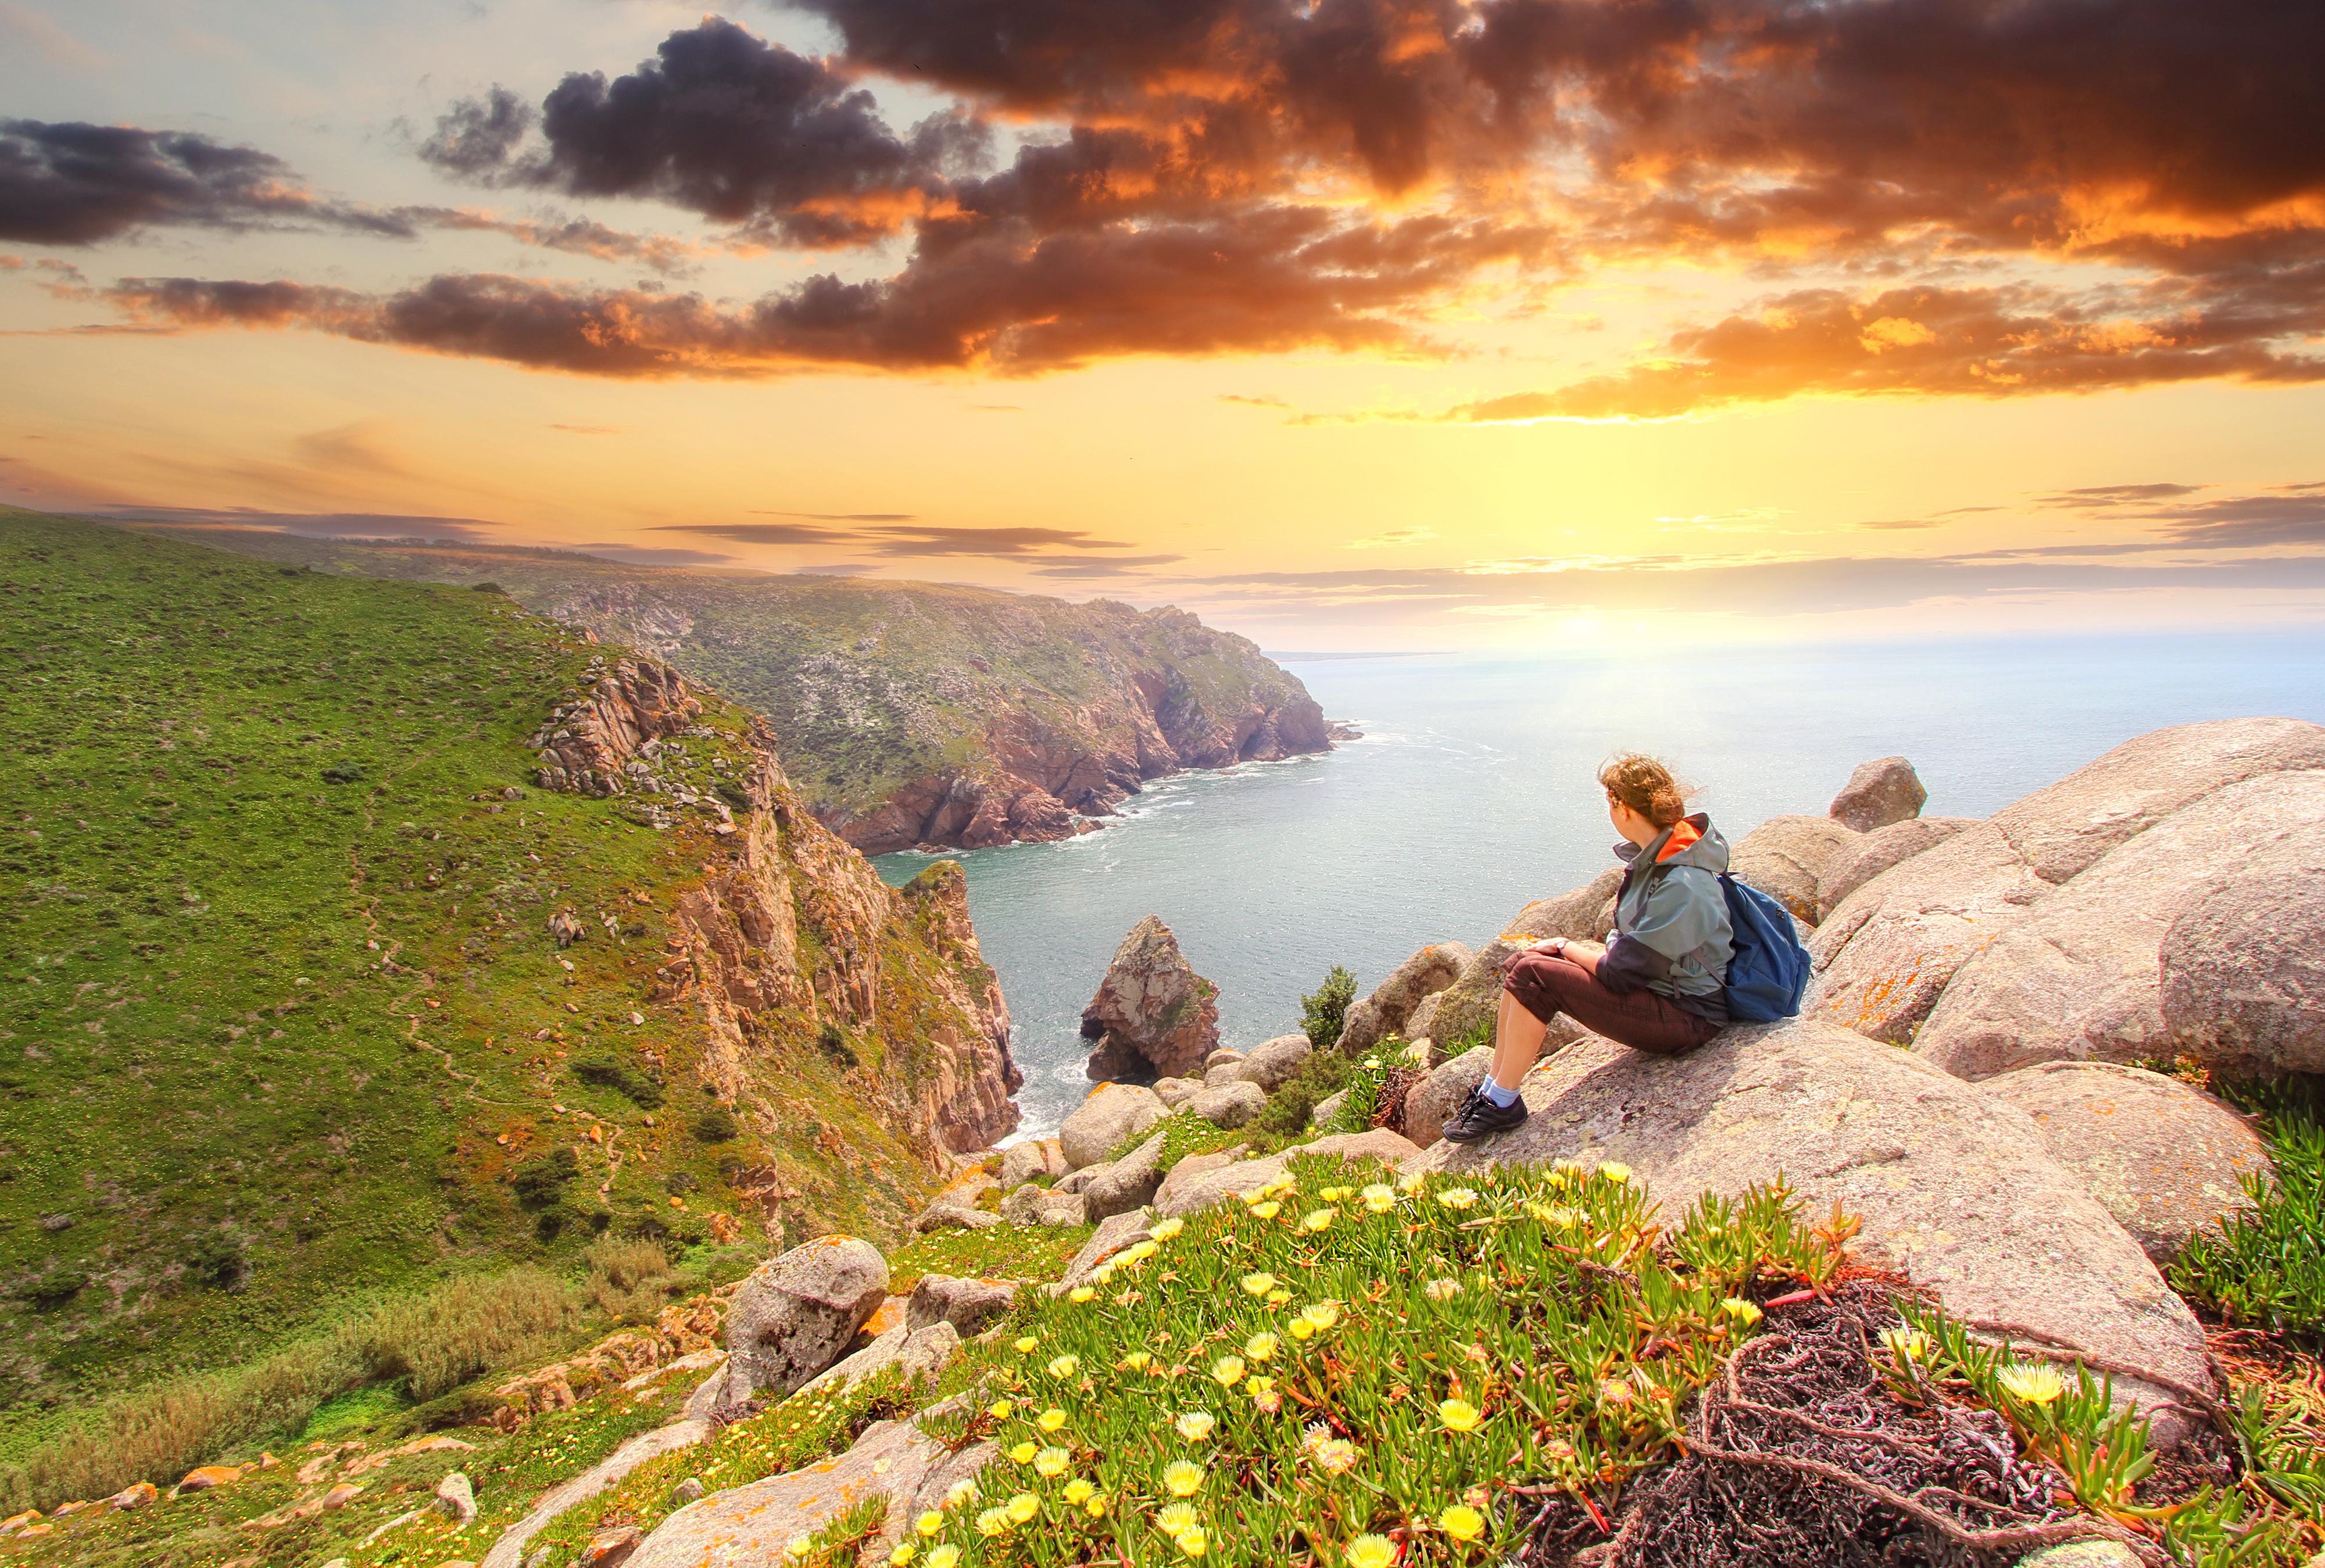 portugal, portugal adventure tours, active tours Portugal, active Portugal tours